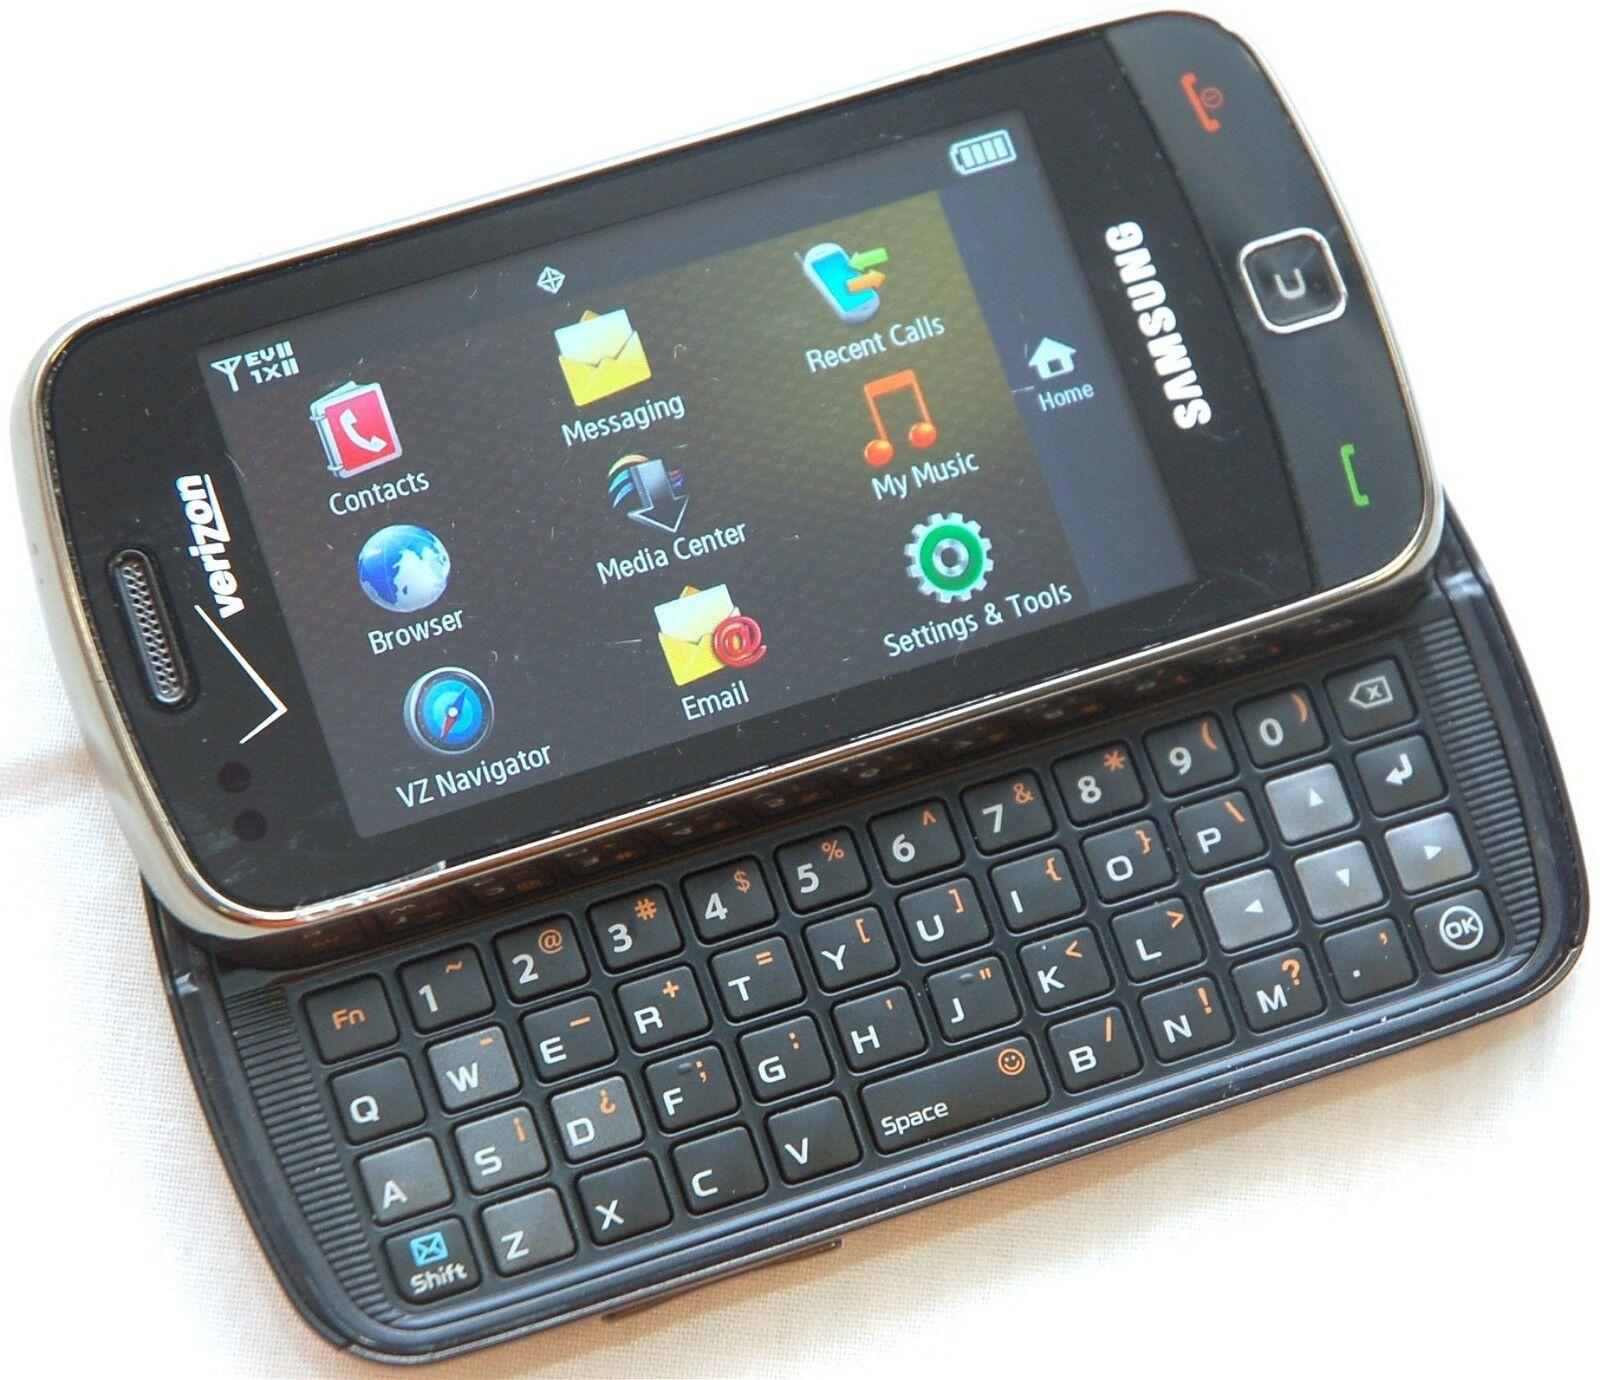 Samsung Rogue SCH U Black Verizon Wireless Touchscreen Cell